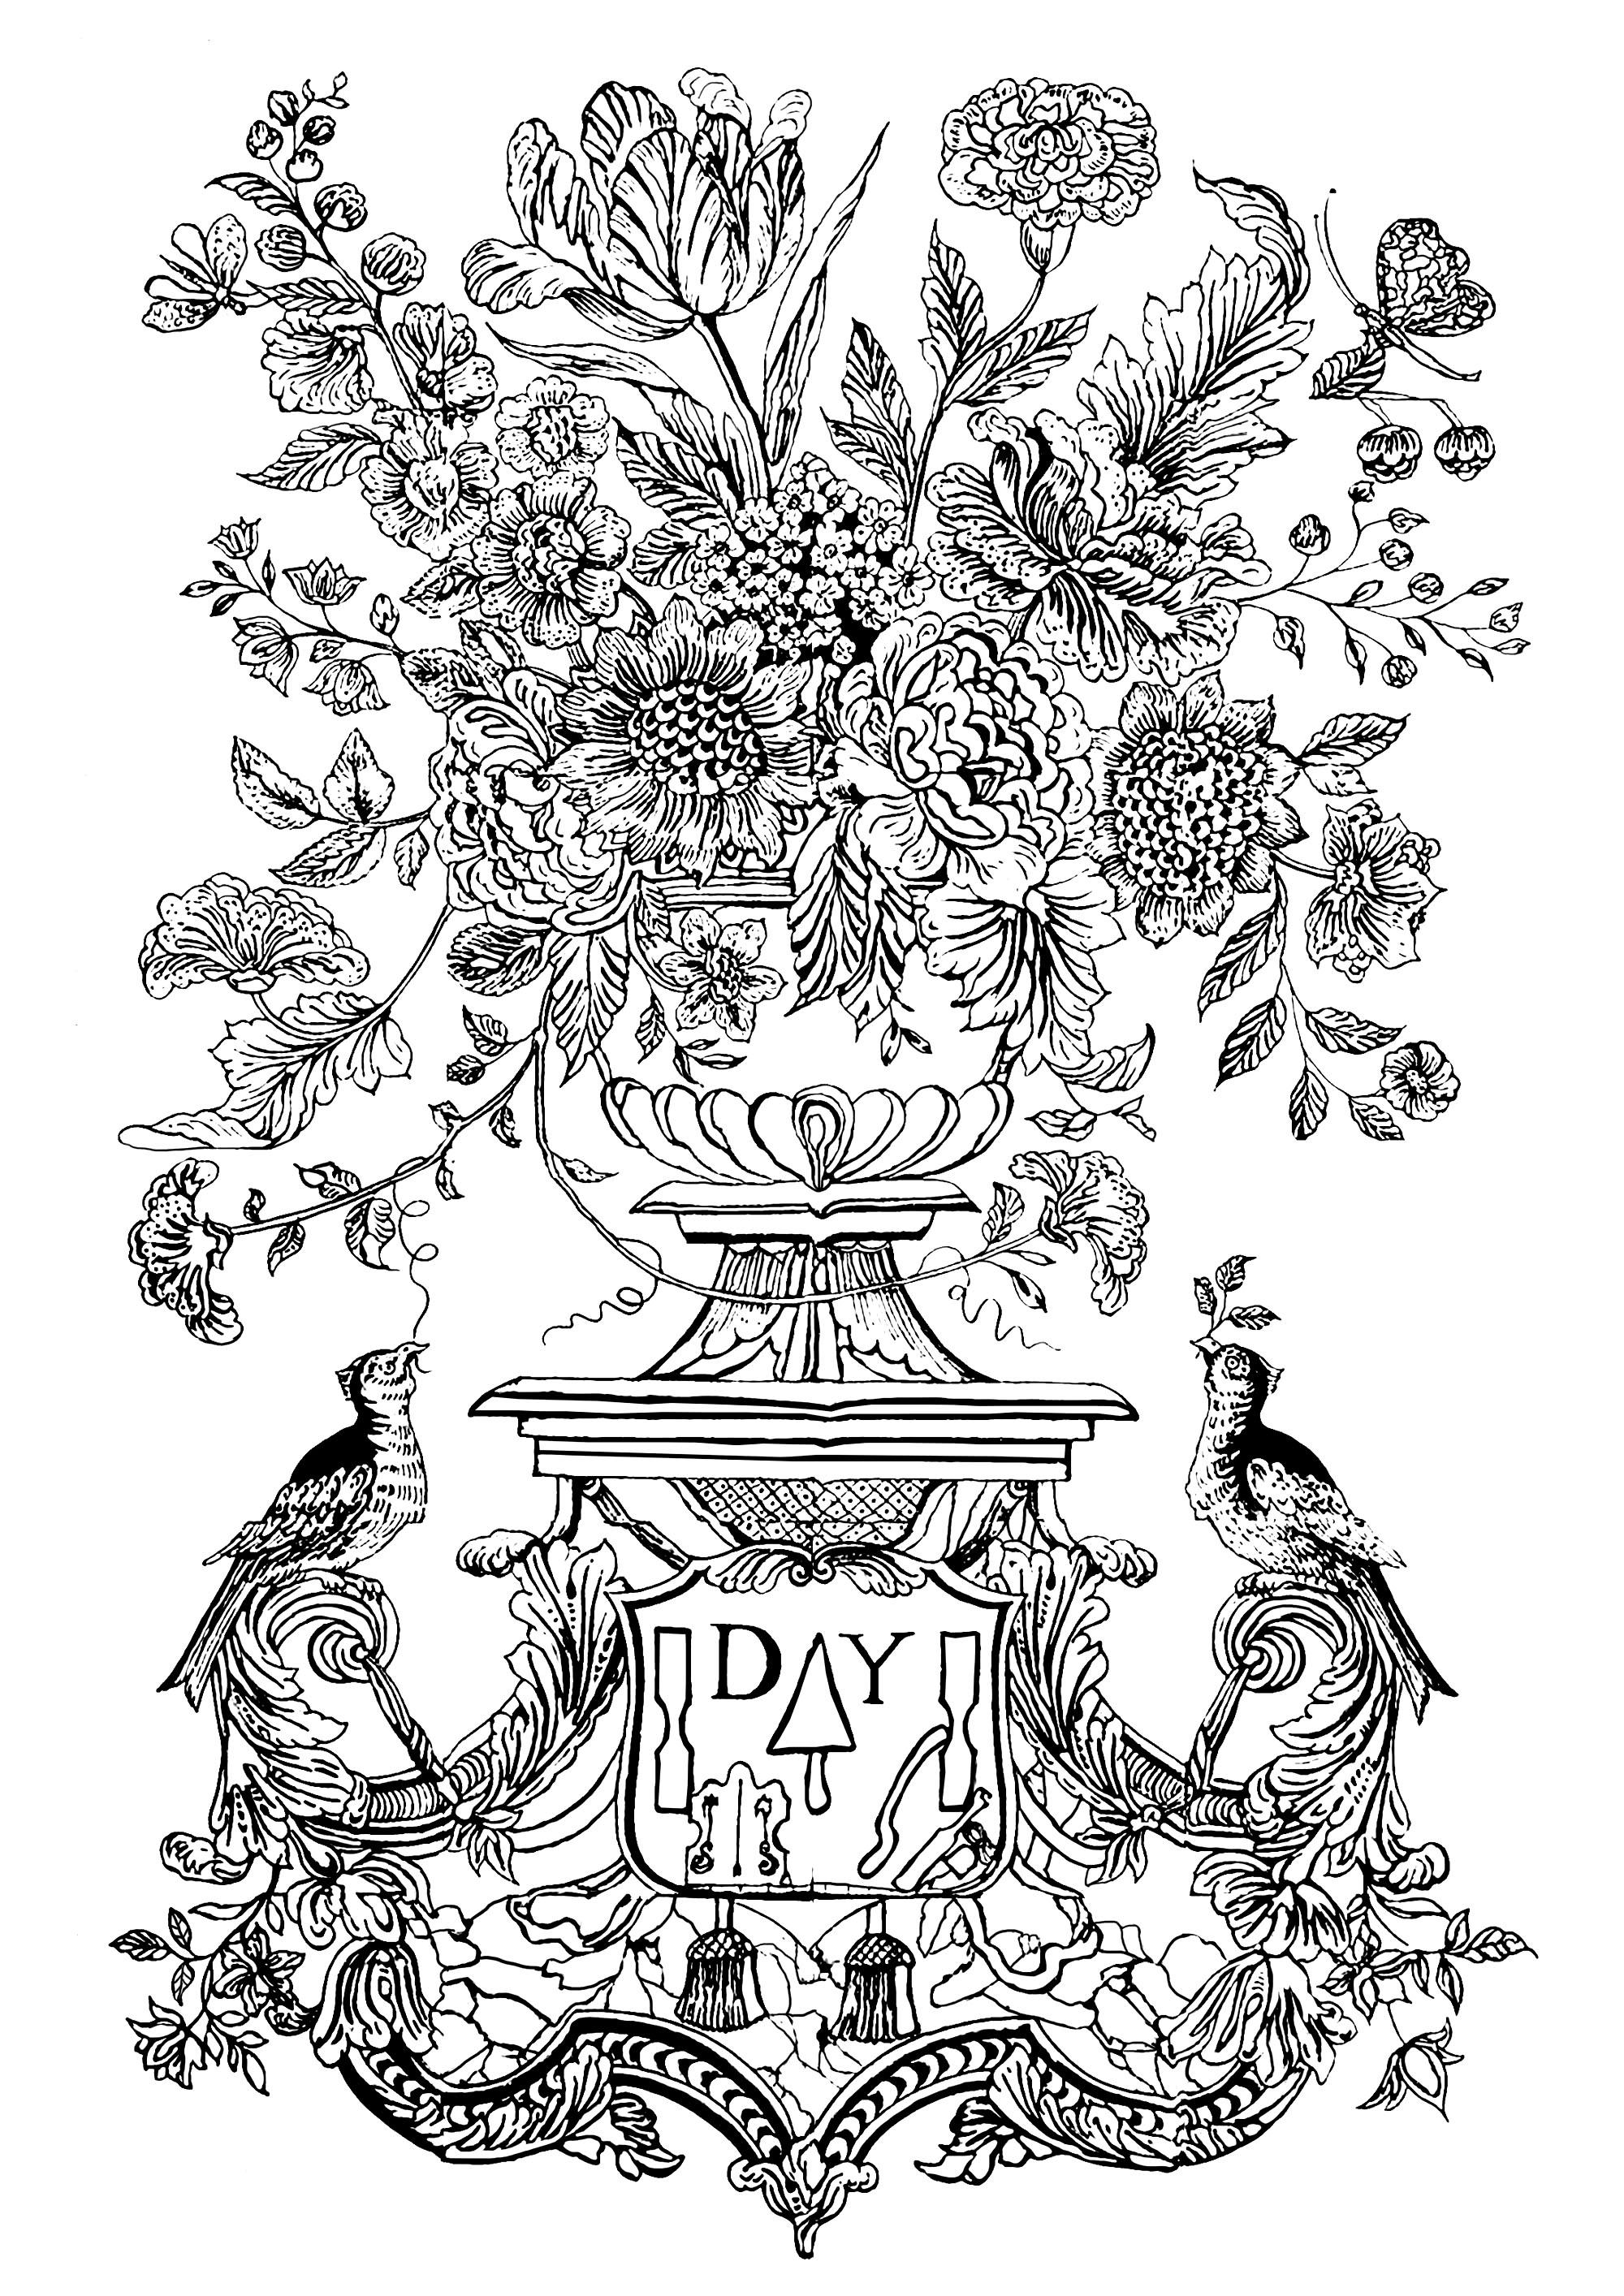 Coloriage inspiré d'une fresque murale de 1740 des Pays-Bas, avec un vase fleuri et des oiseaux